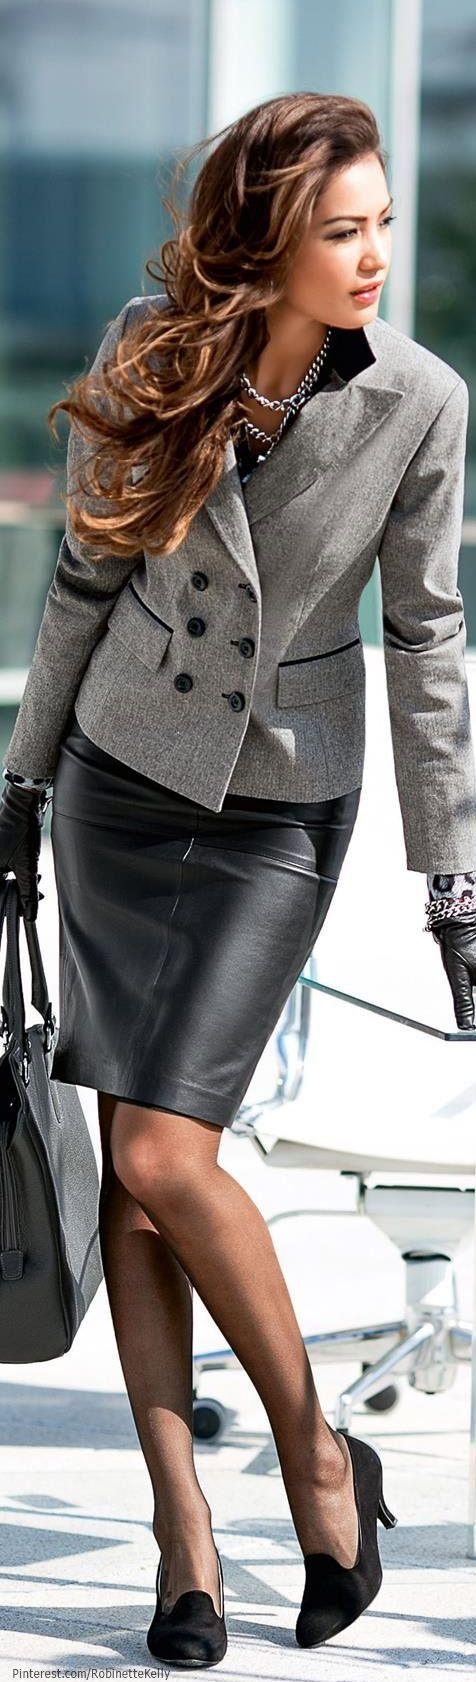 VESTIR ADECUADAMENTE PARA UNA CITA DE NEGOCIOS Hola Chicas!! El vestir adecuadamente para una cita de negocios o ir a tu oficina, es muy importante para una mujer, el aspecto personal refleja sin duda quien somos y lo profesional que somos.El estilo de vestir es uno de los aspectos más importantes en la imagen que proyectamos